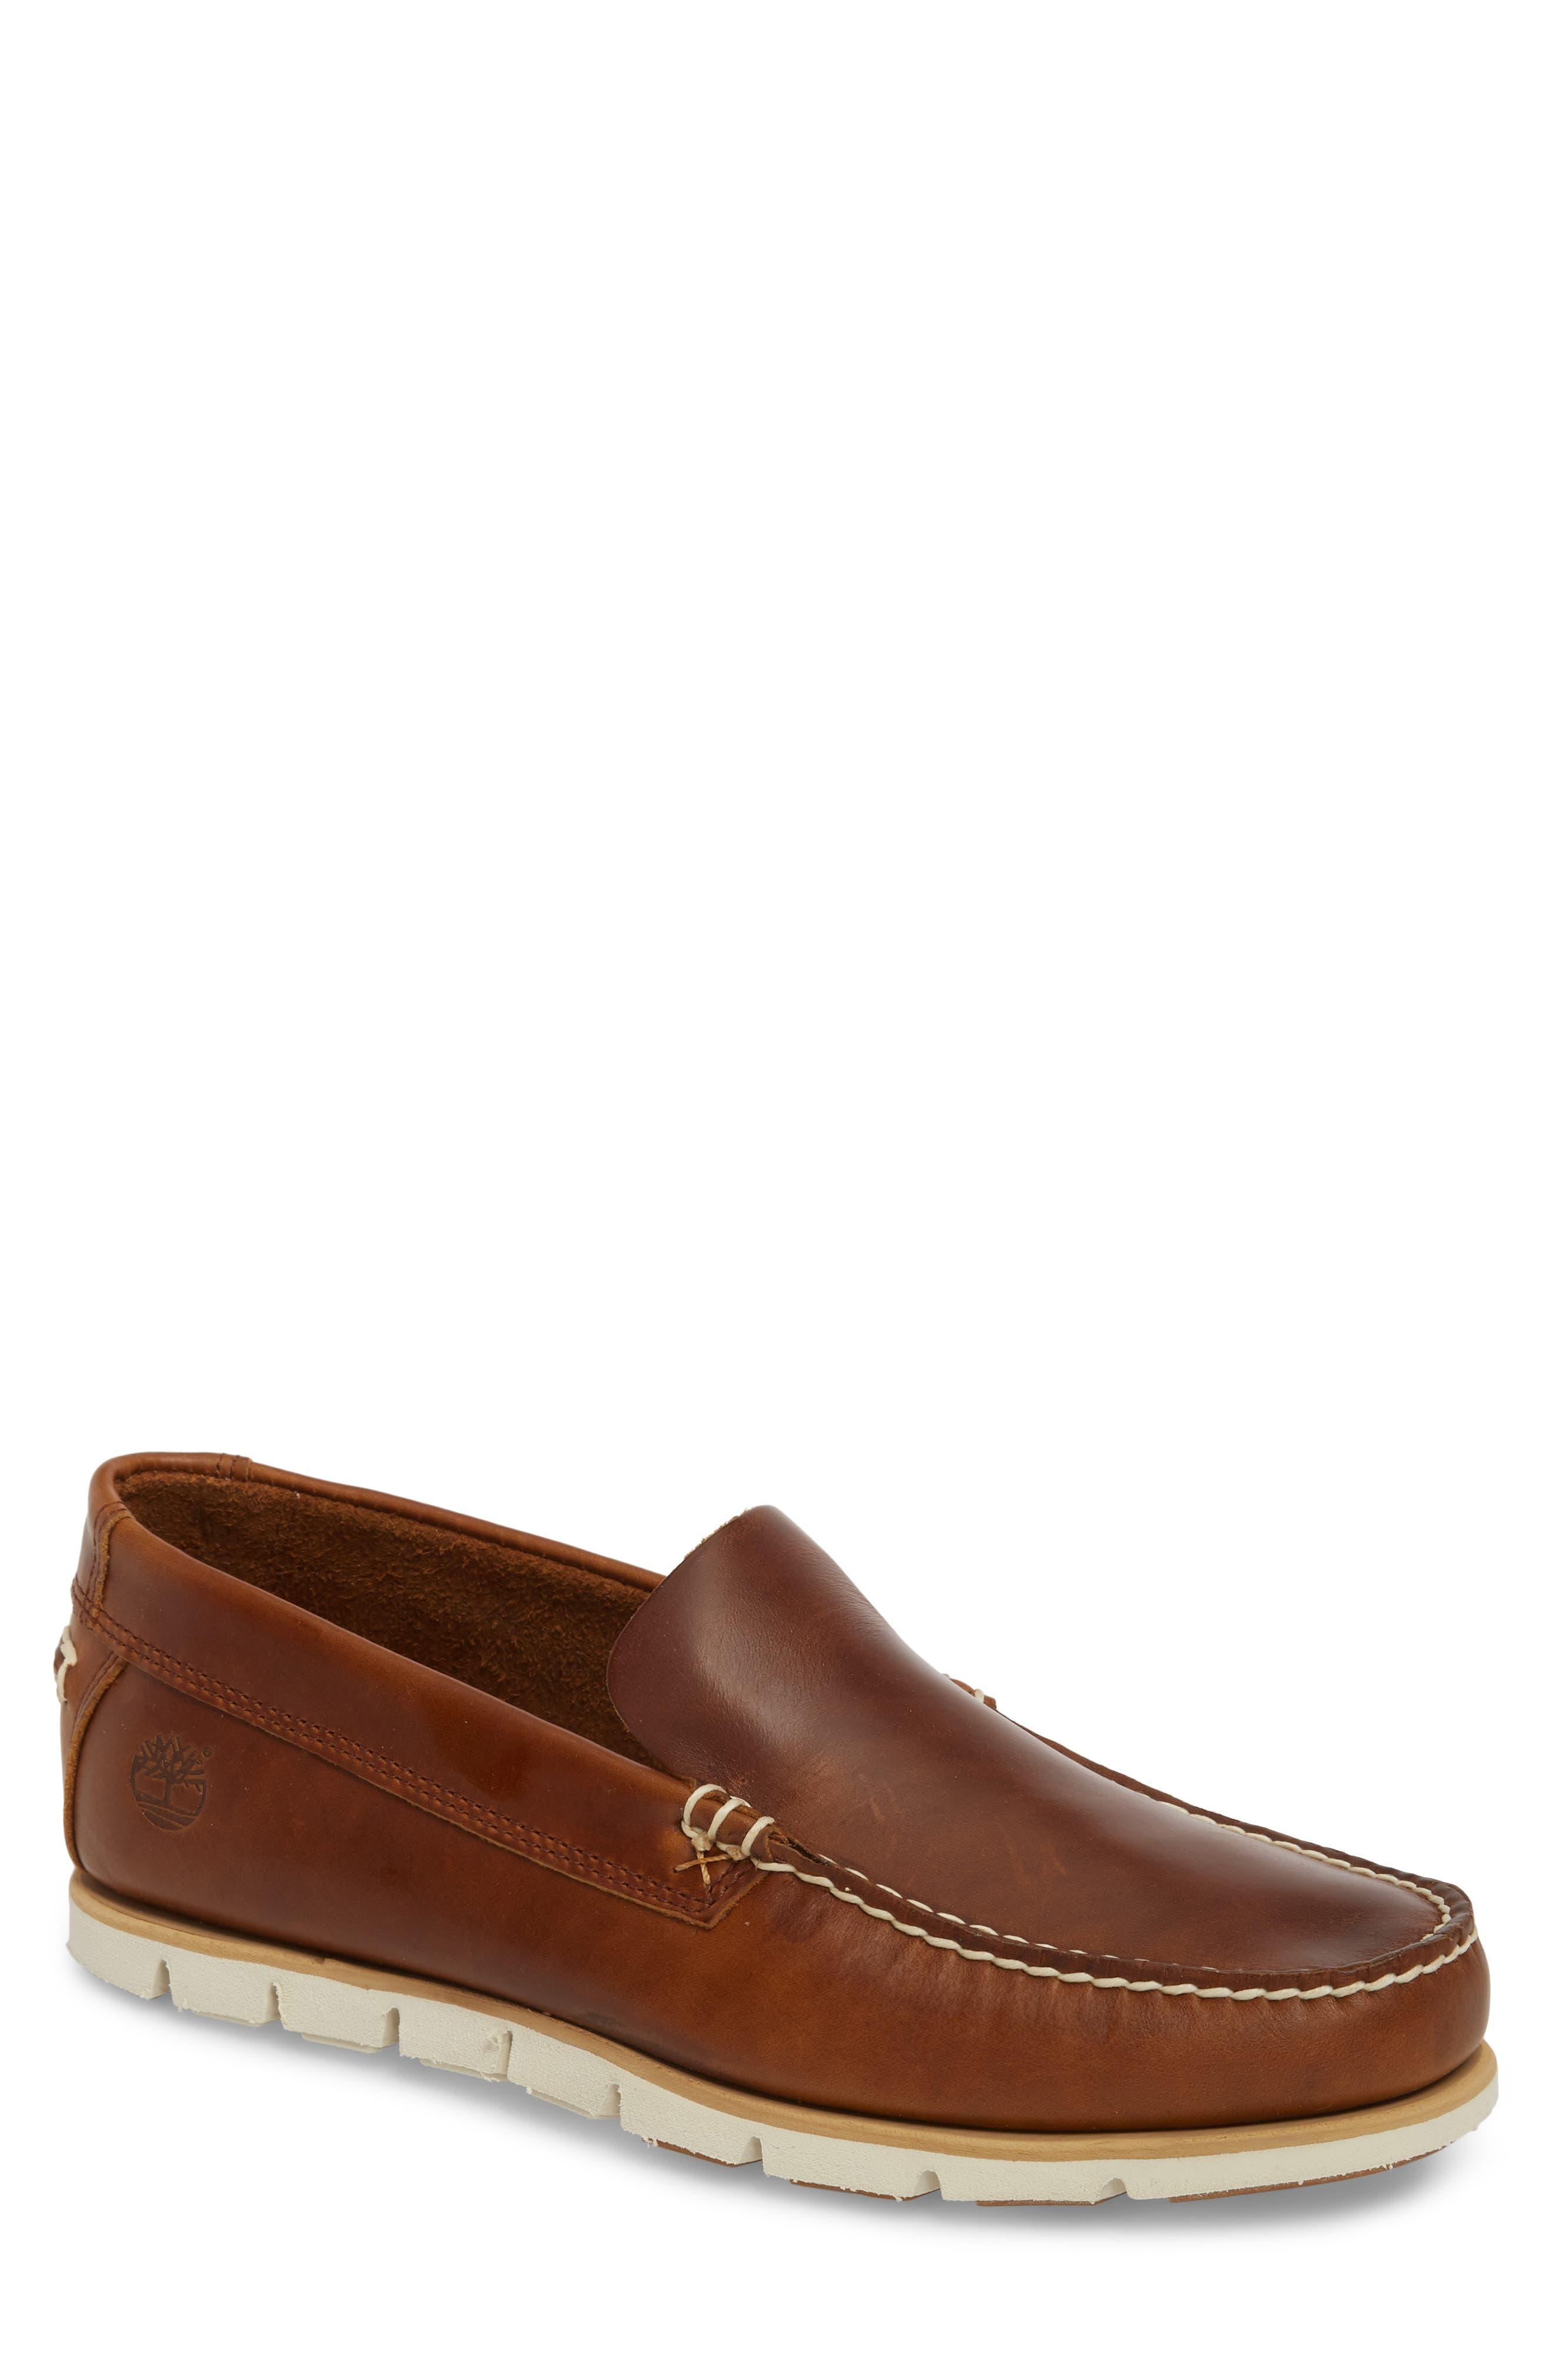 Timberland Tidelands Venetian Loafer (Men)